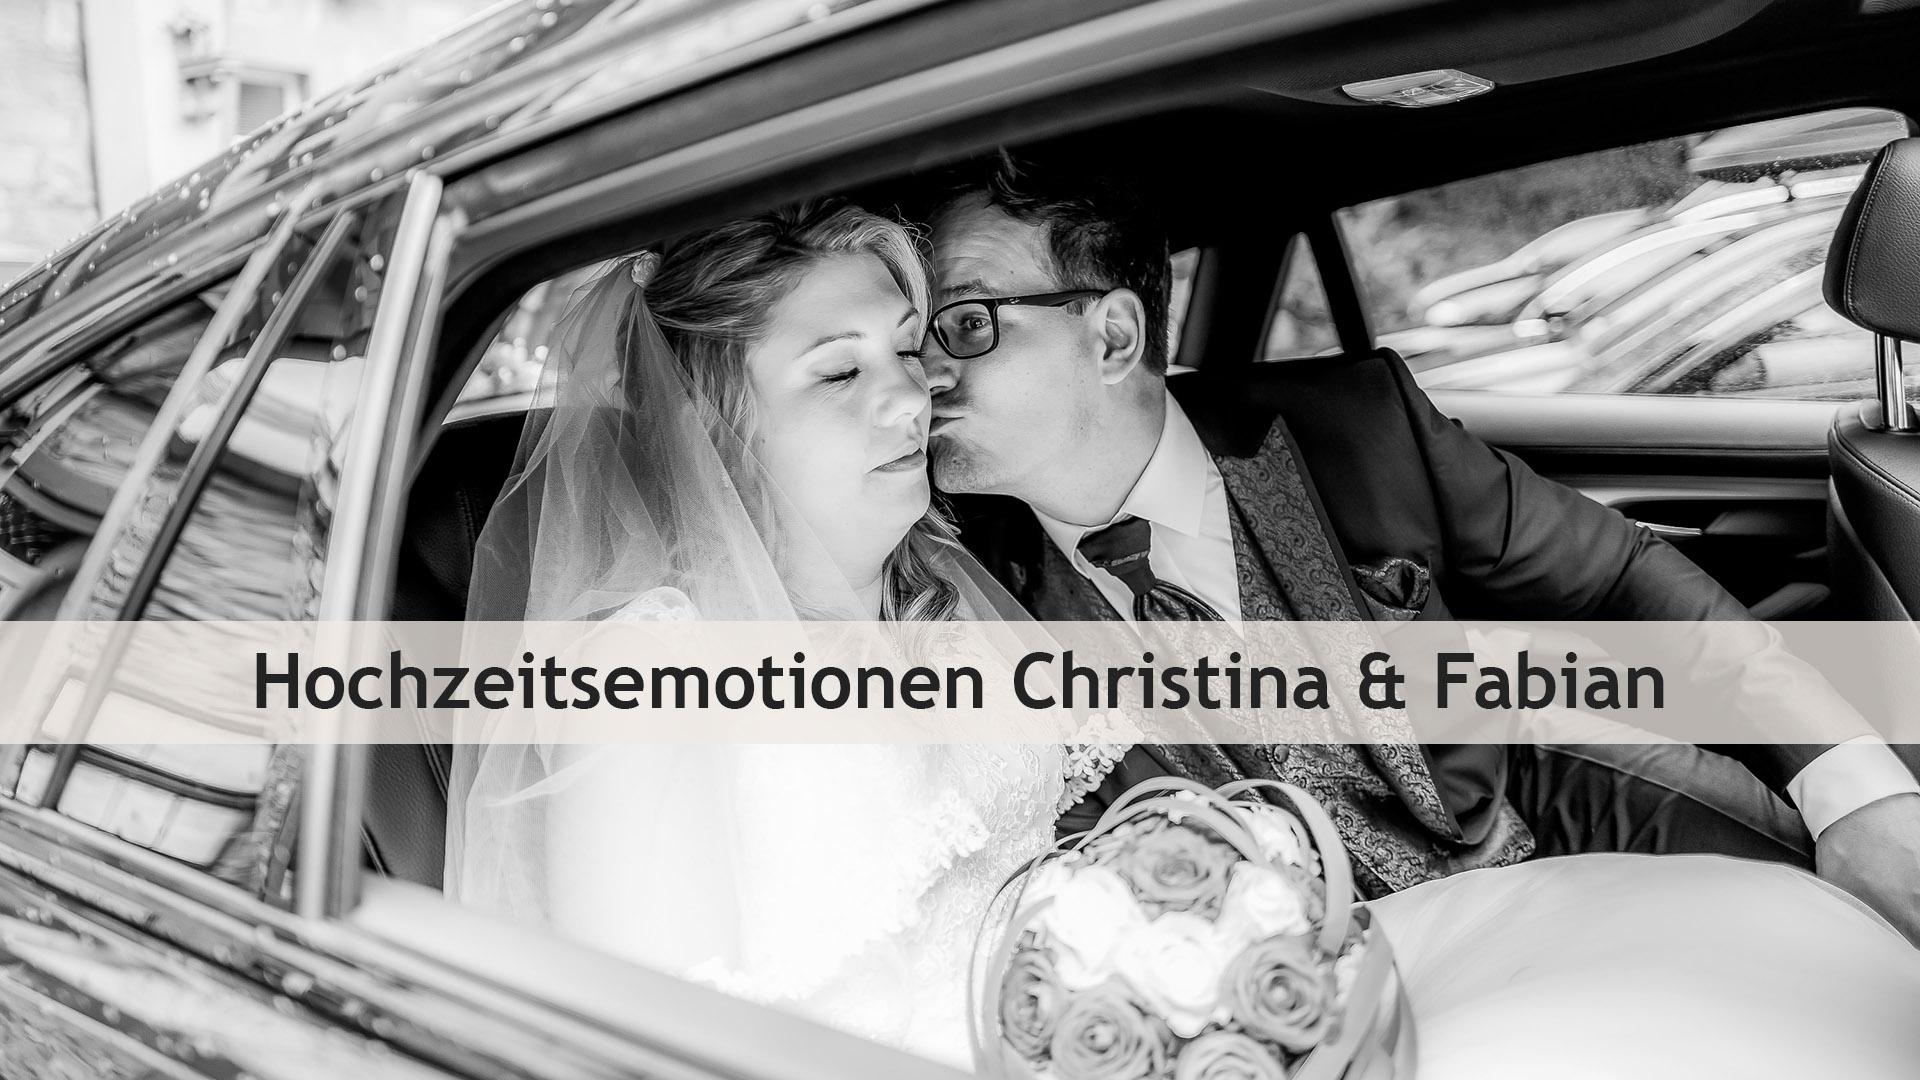 Christina und Fabian – Hochzeitsemotionen in Neu-Anspach und auf der Saalburg